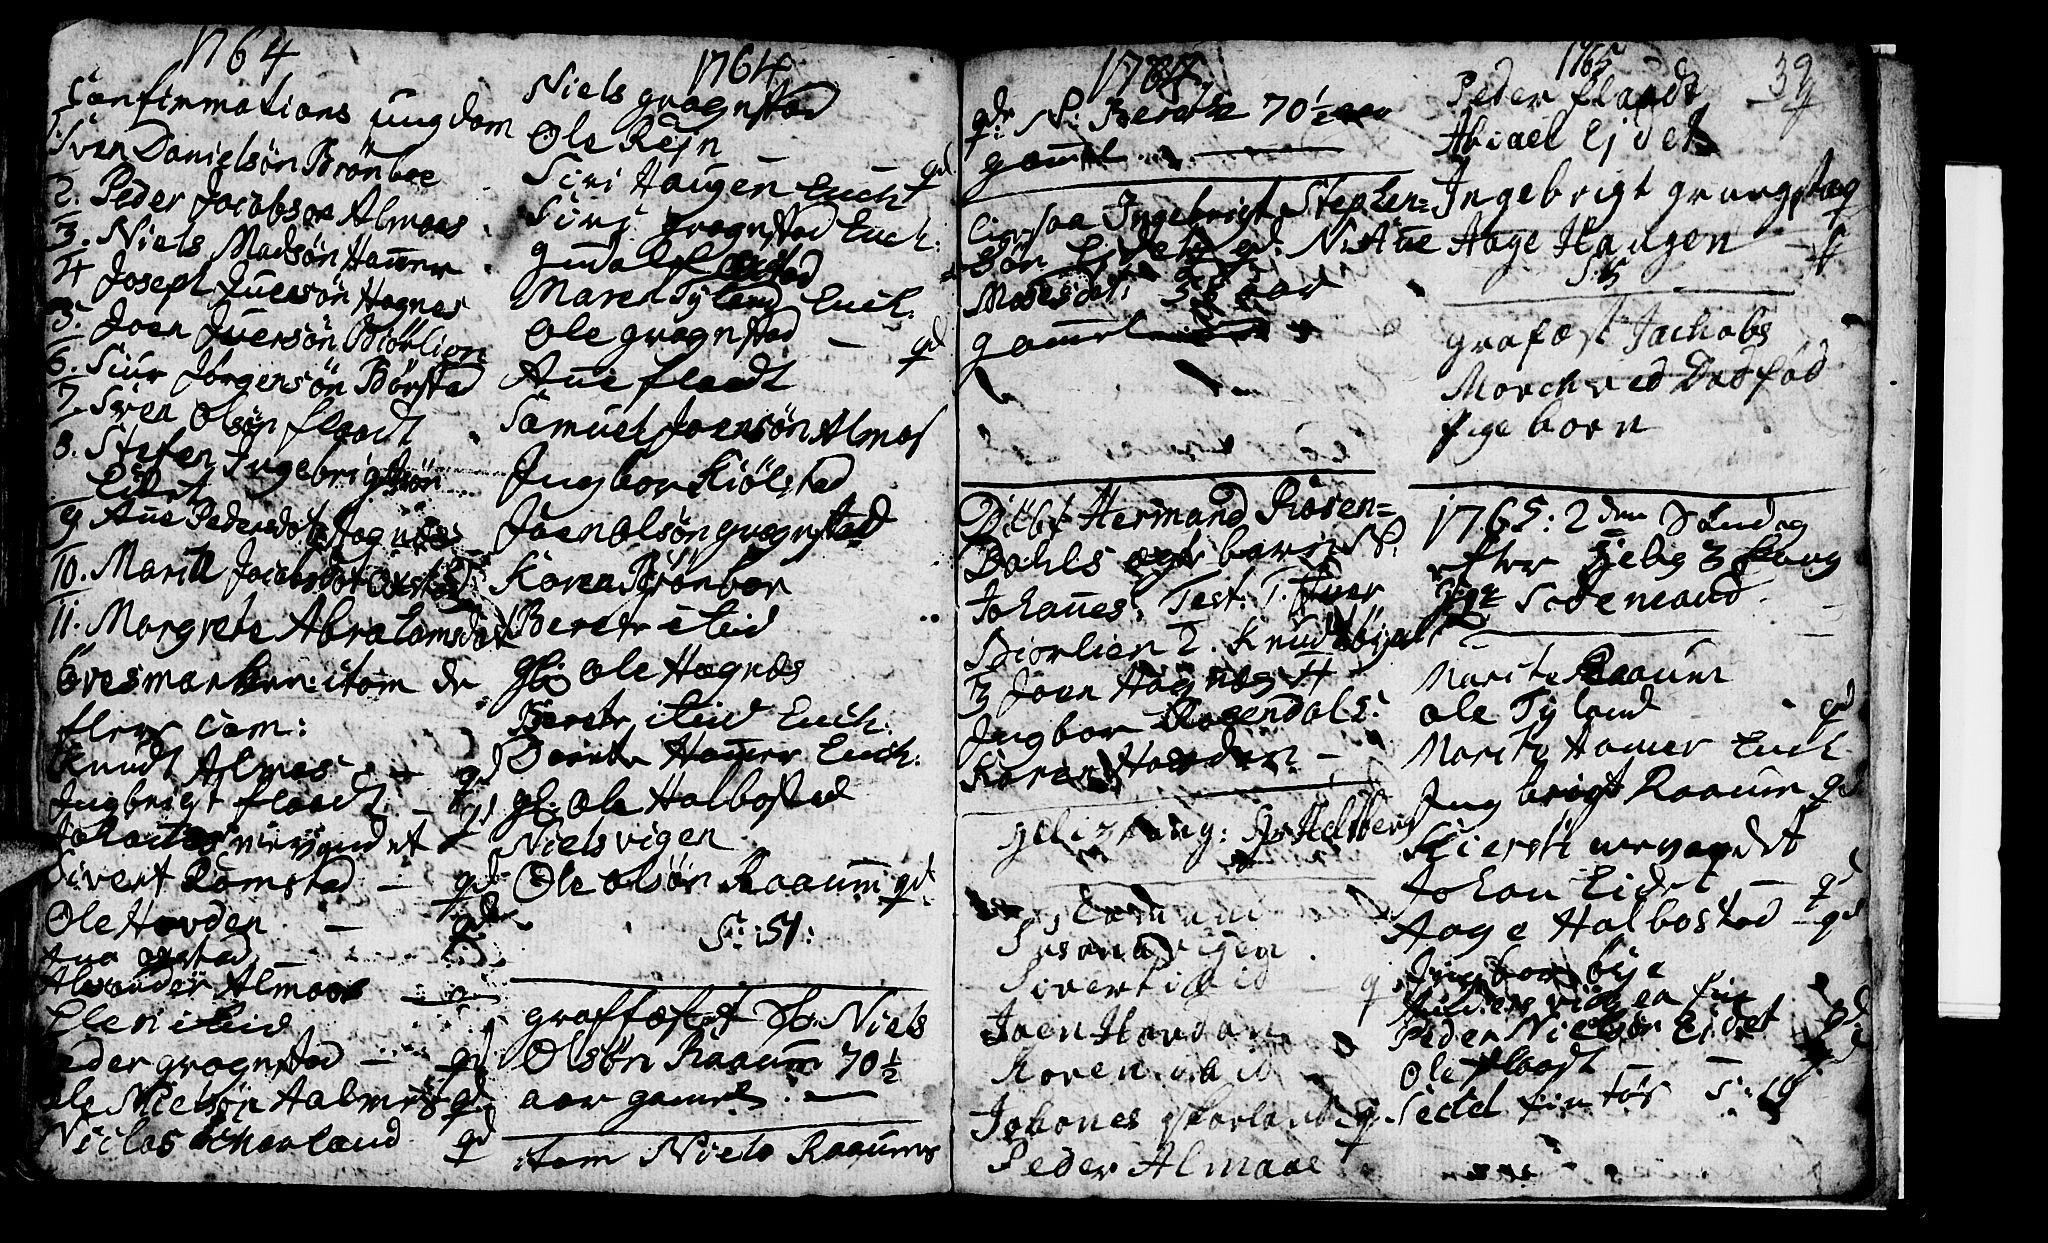 SAT, Ministerialprotokoller, klokkerbøker og fødselsregistre - Nord-Trøndelag, 765/L0561: Ministerialbok nr. 765A02, 1758-1765, s. 39